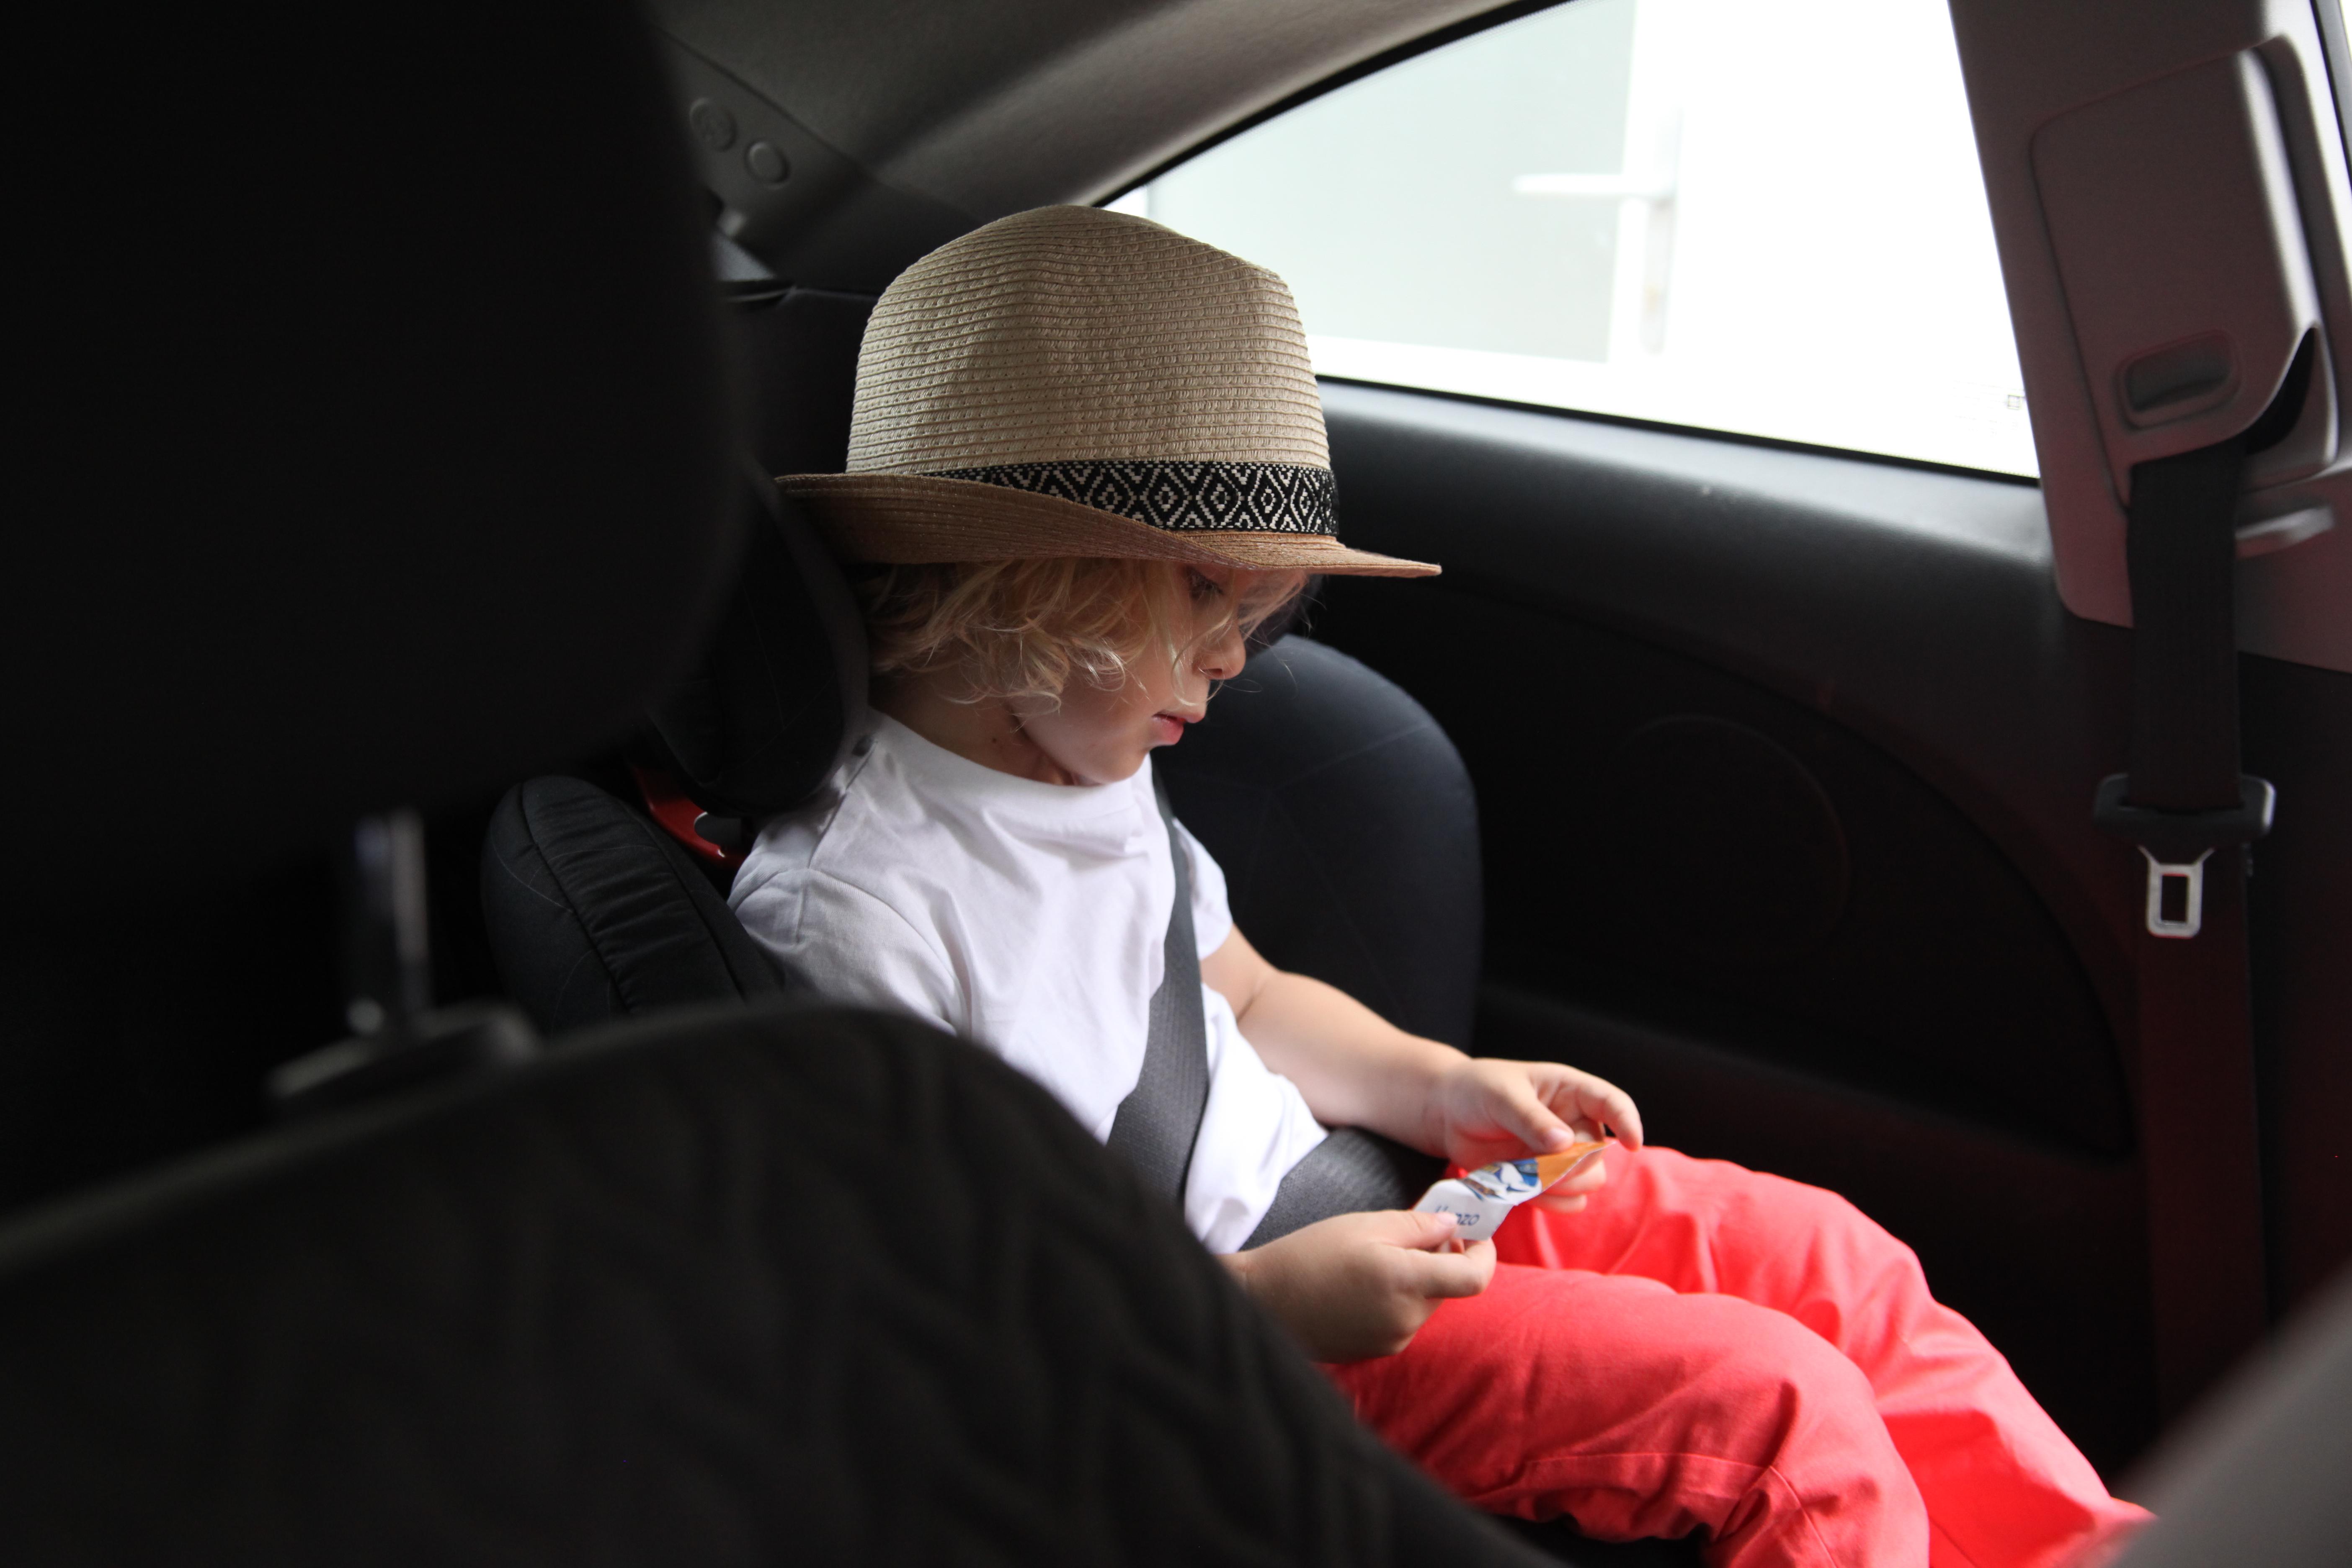 Comfortable in the Maxi Cosy Rodifix car seat